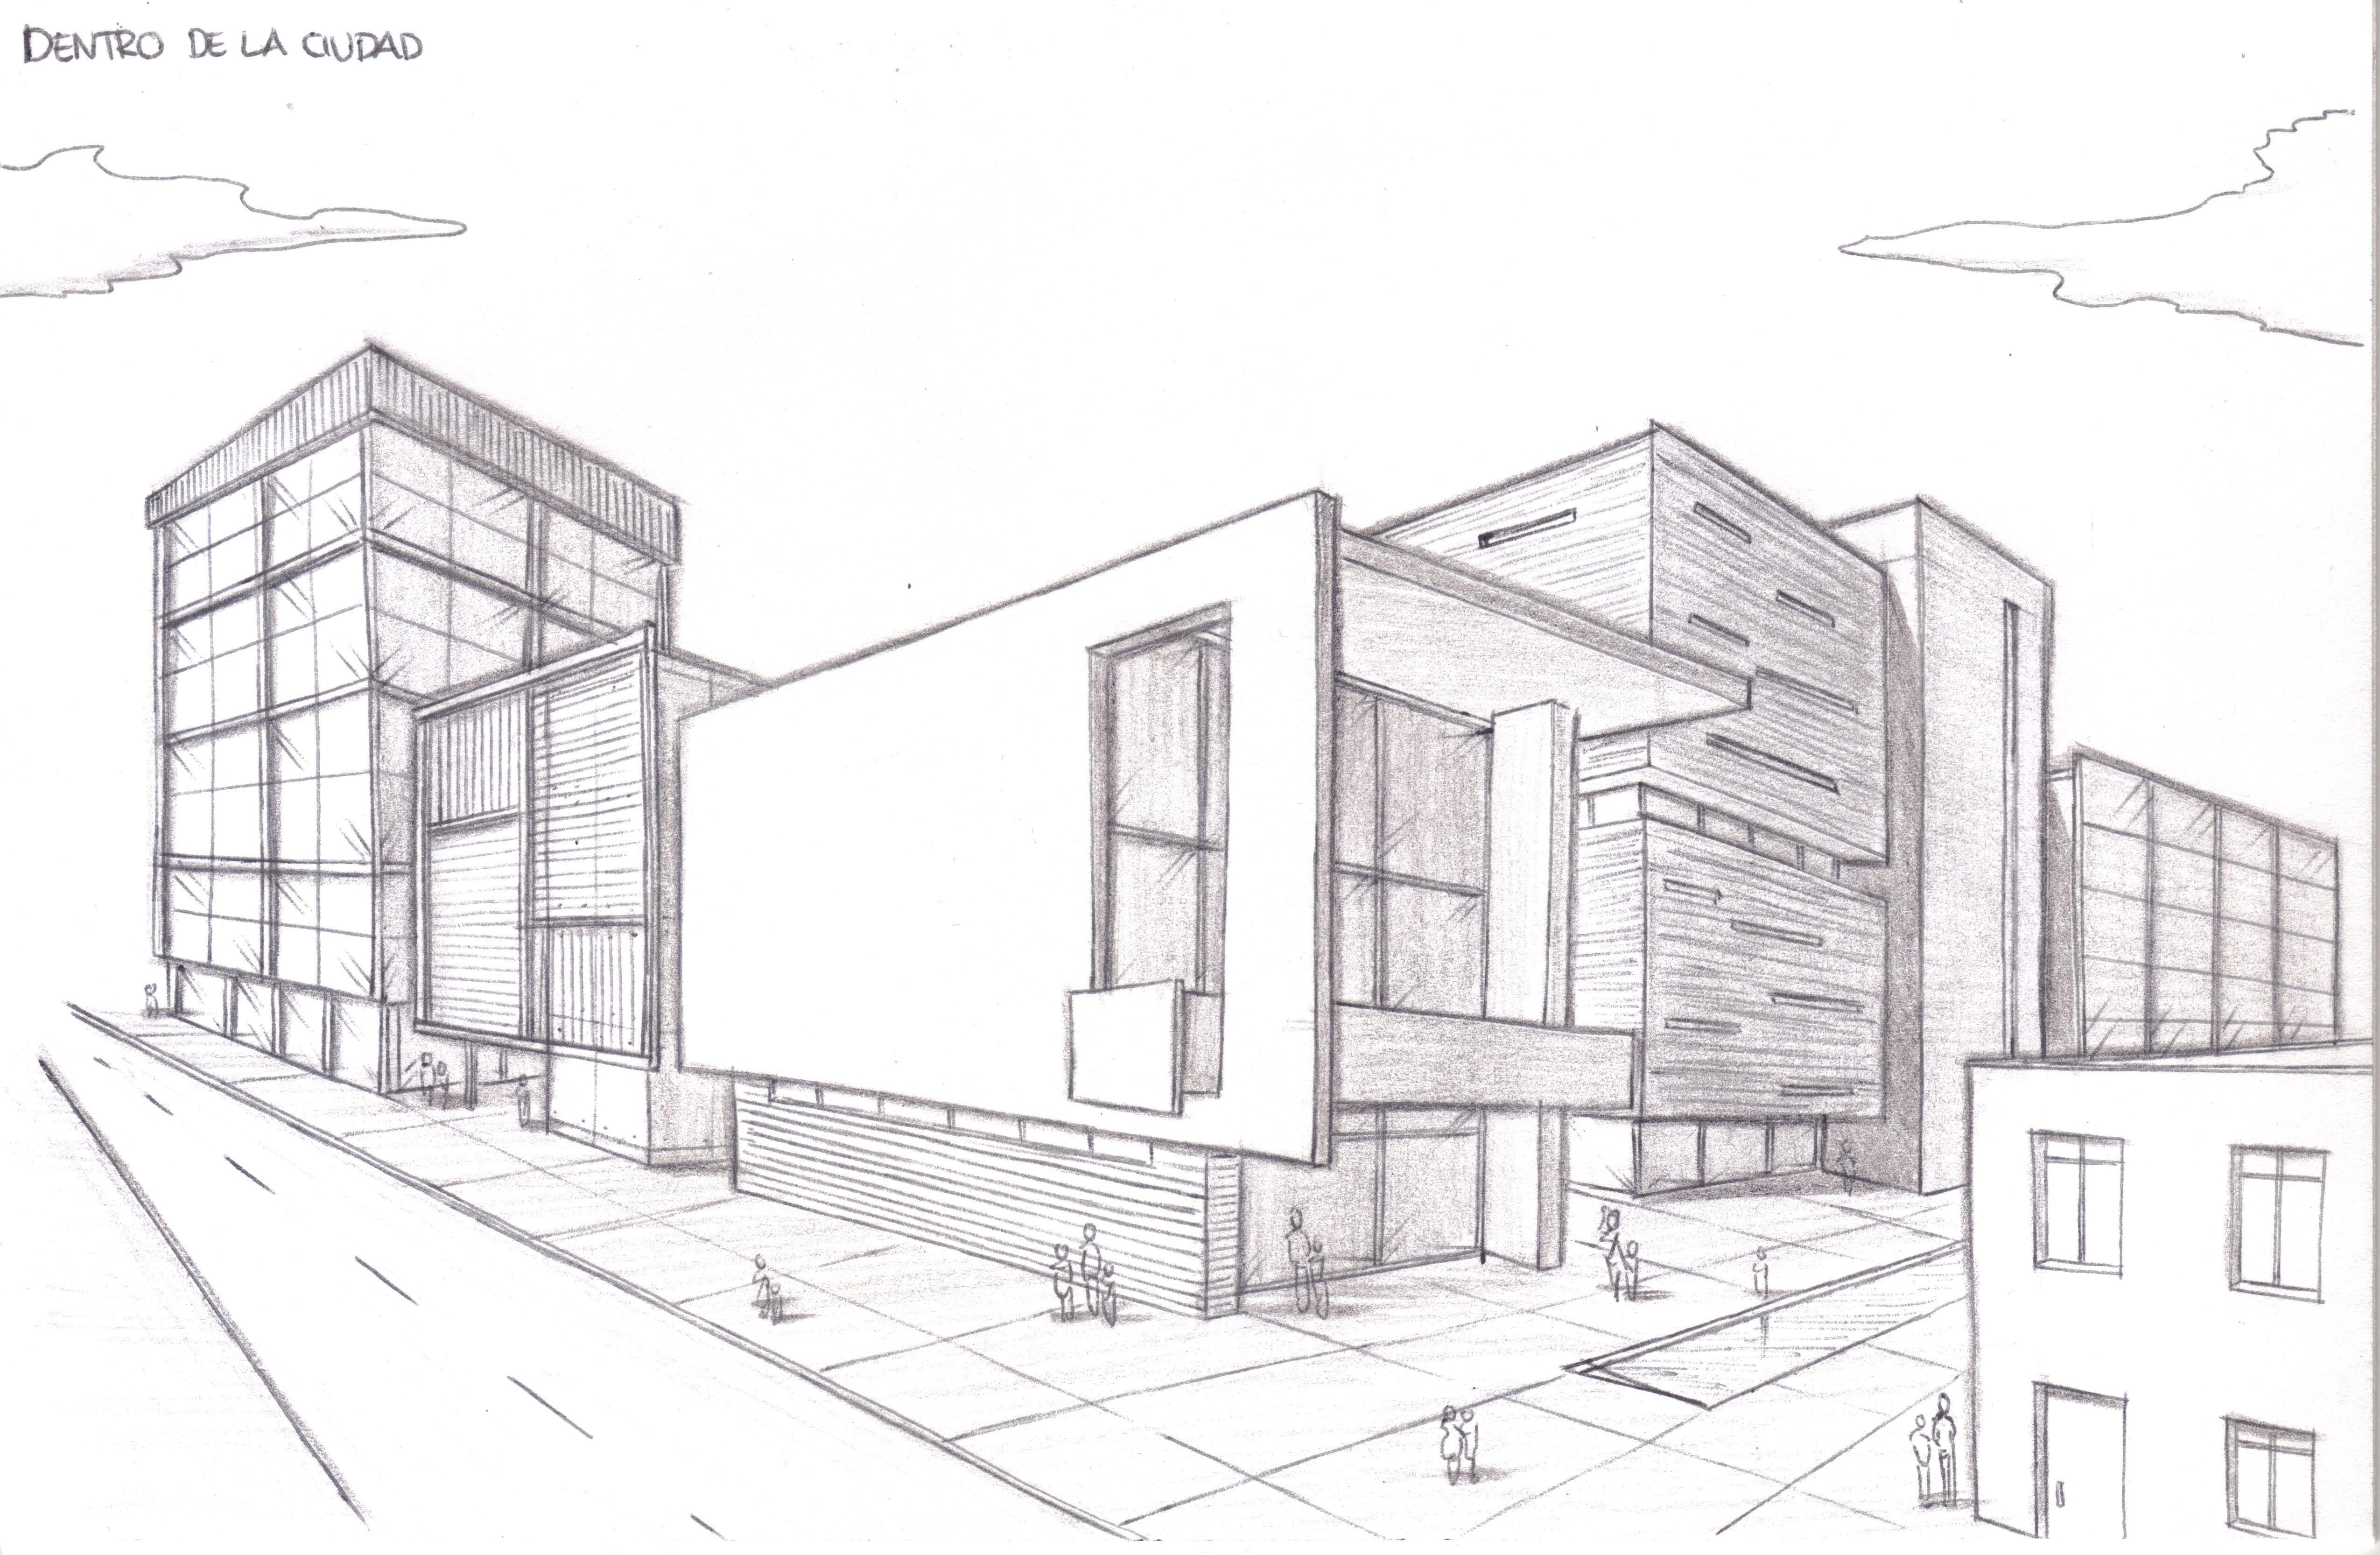 Composicion Con Dos Puntos De Fuga Buscar Con Google Punto De Fuga Edificios Perspectiva Arte En Perspectiva